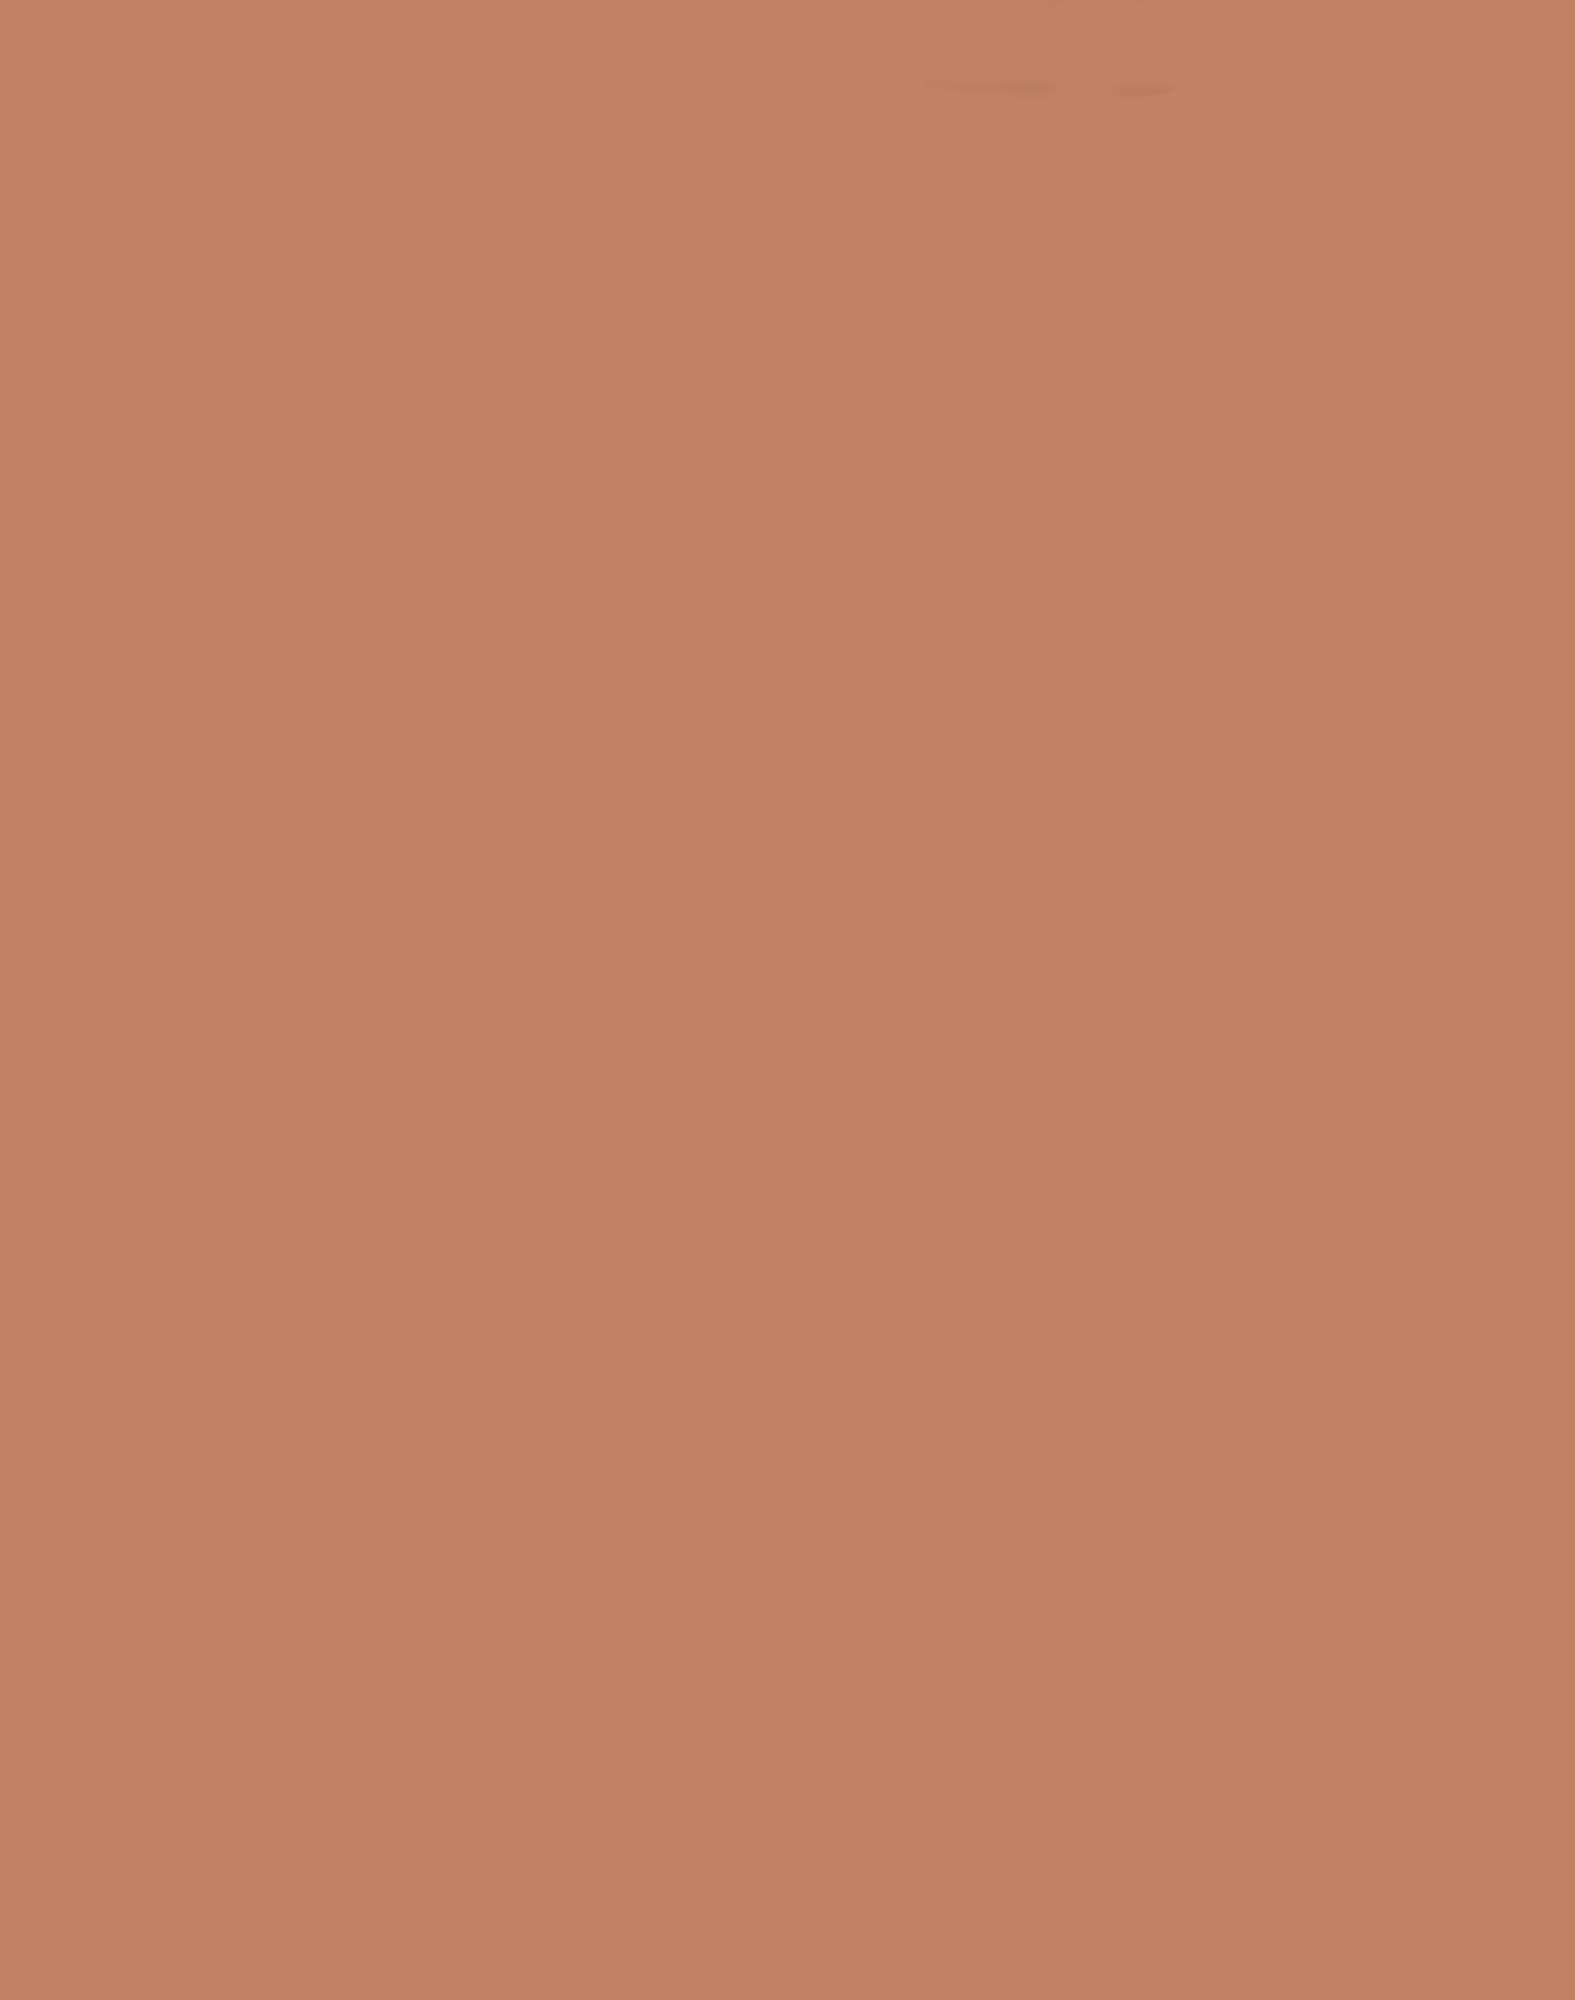 Copper 192,130,98